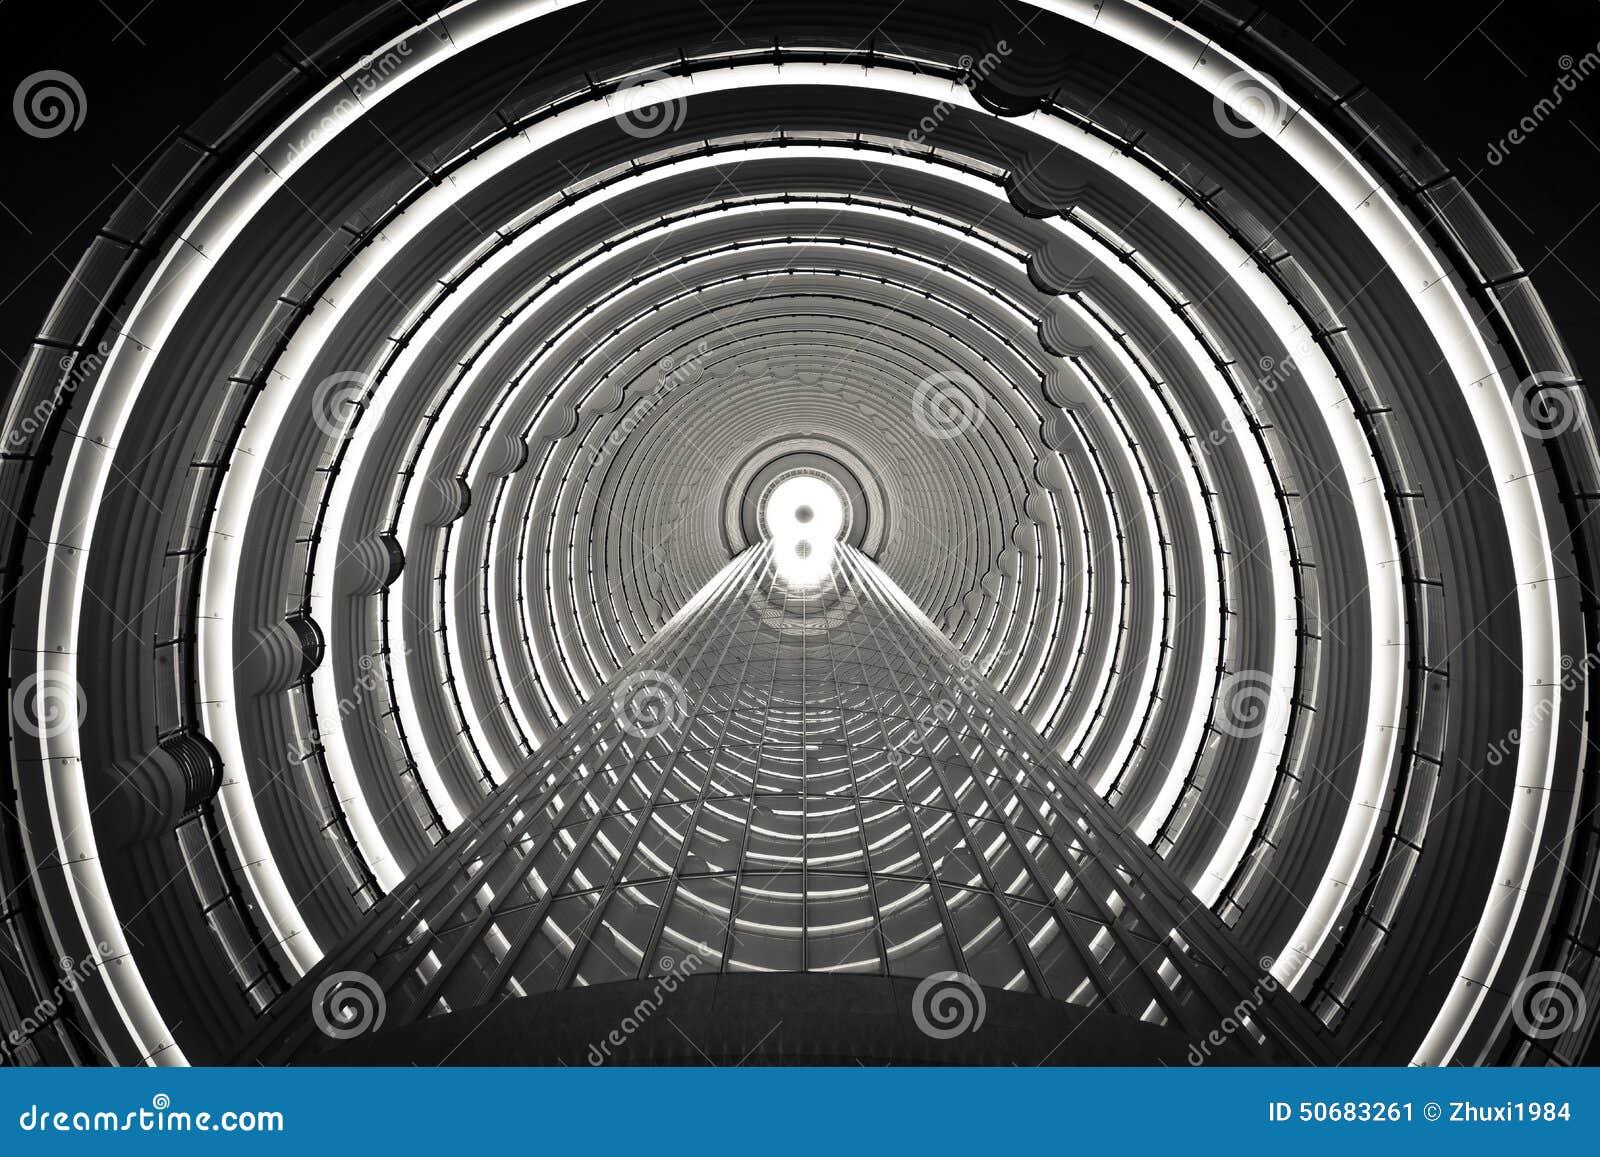 Download 时间隧道 库存图片. 图片 包括有 艺术, 金子, 城市, 获得, 室内, 大厅, 隧道, 摩天大楼, 几何 - 50683261